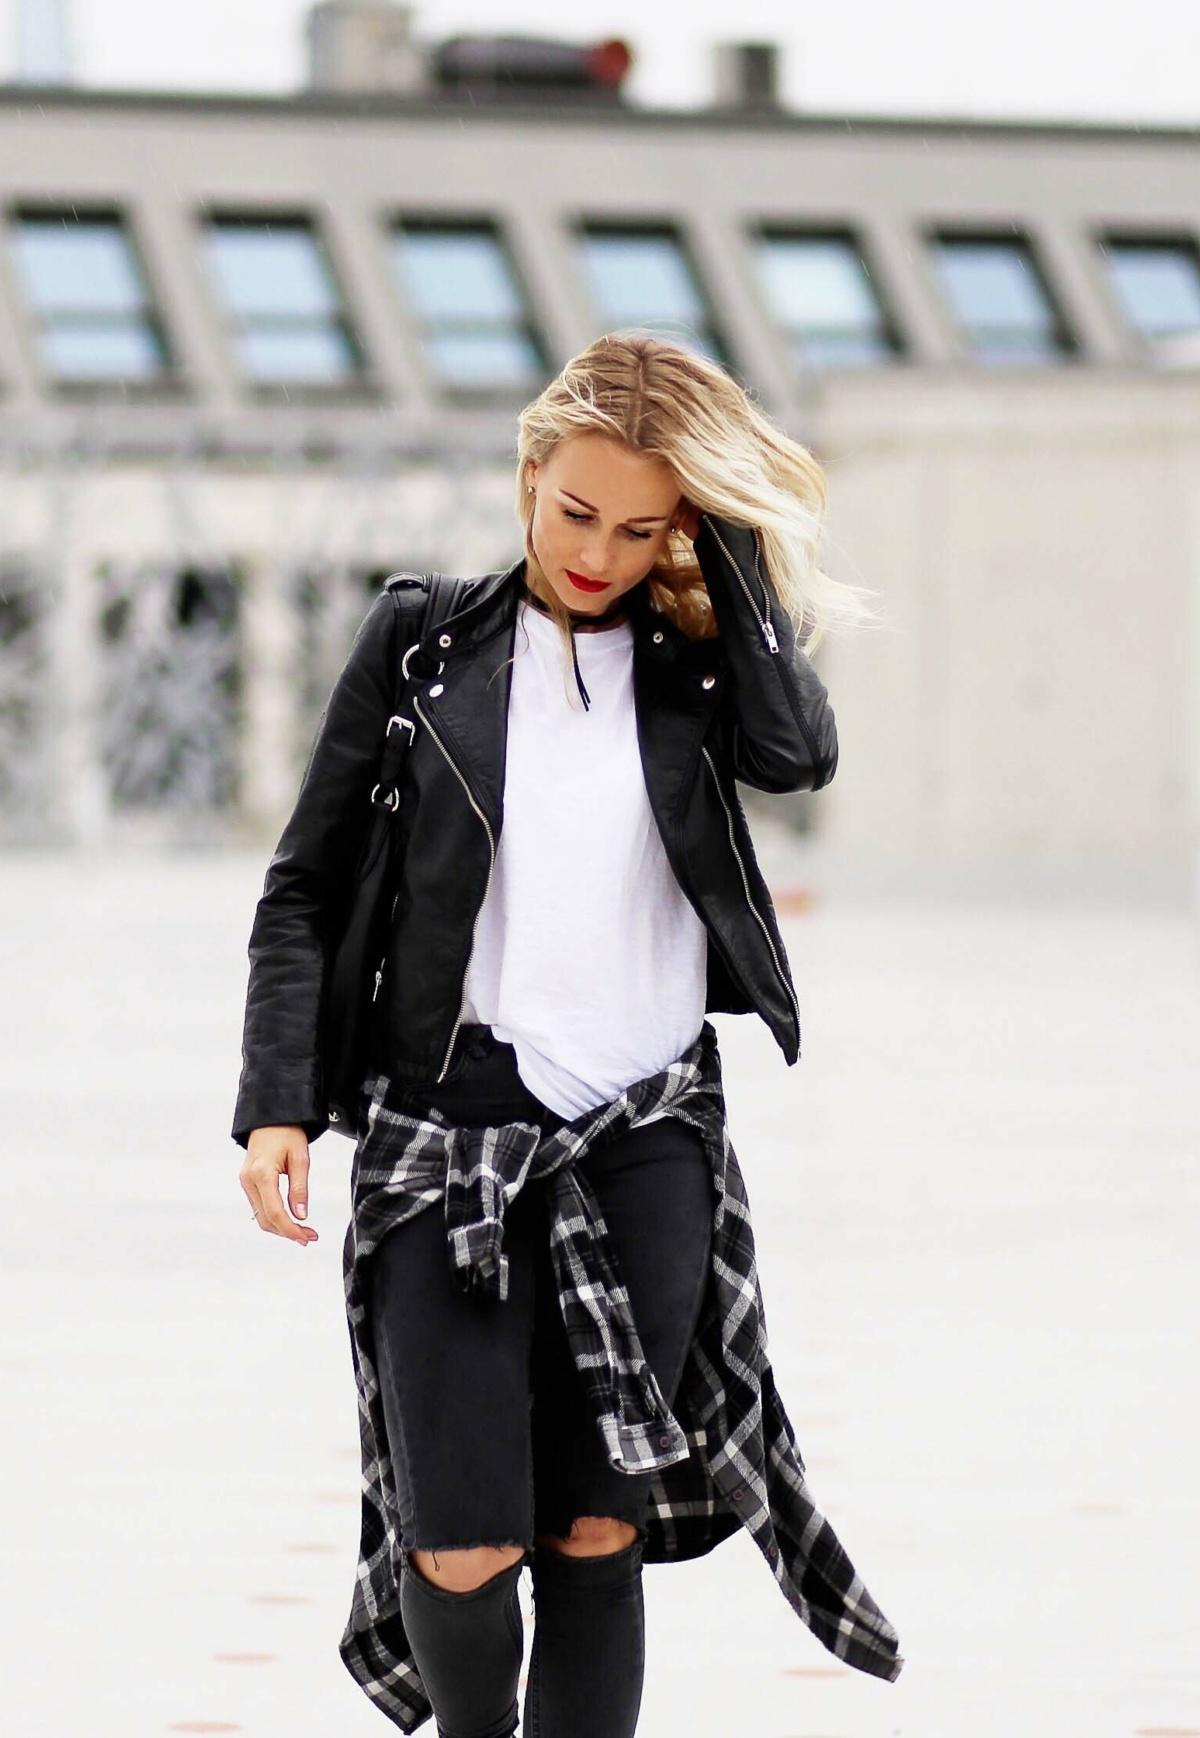 stylingliebe-lifestyleblog-muenchen-styleblog-munich-blogger-deutschland-lifestyleblogger-bloggerdeutschland-fashionblog-modeblog-germanblogger-ueber-das-alleinsein-und-wichtige-erkenntnisse-1